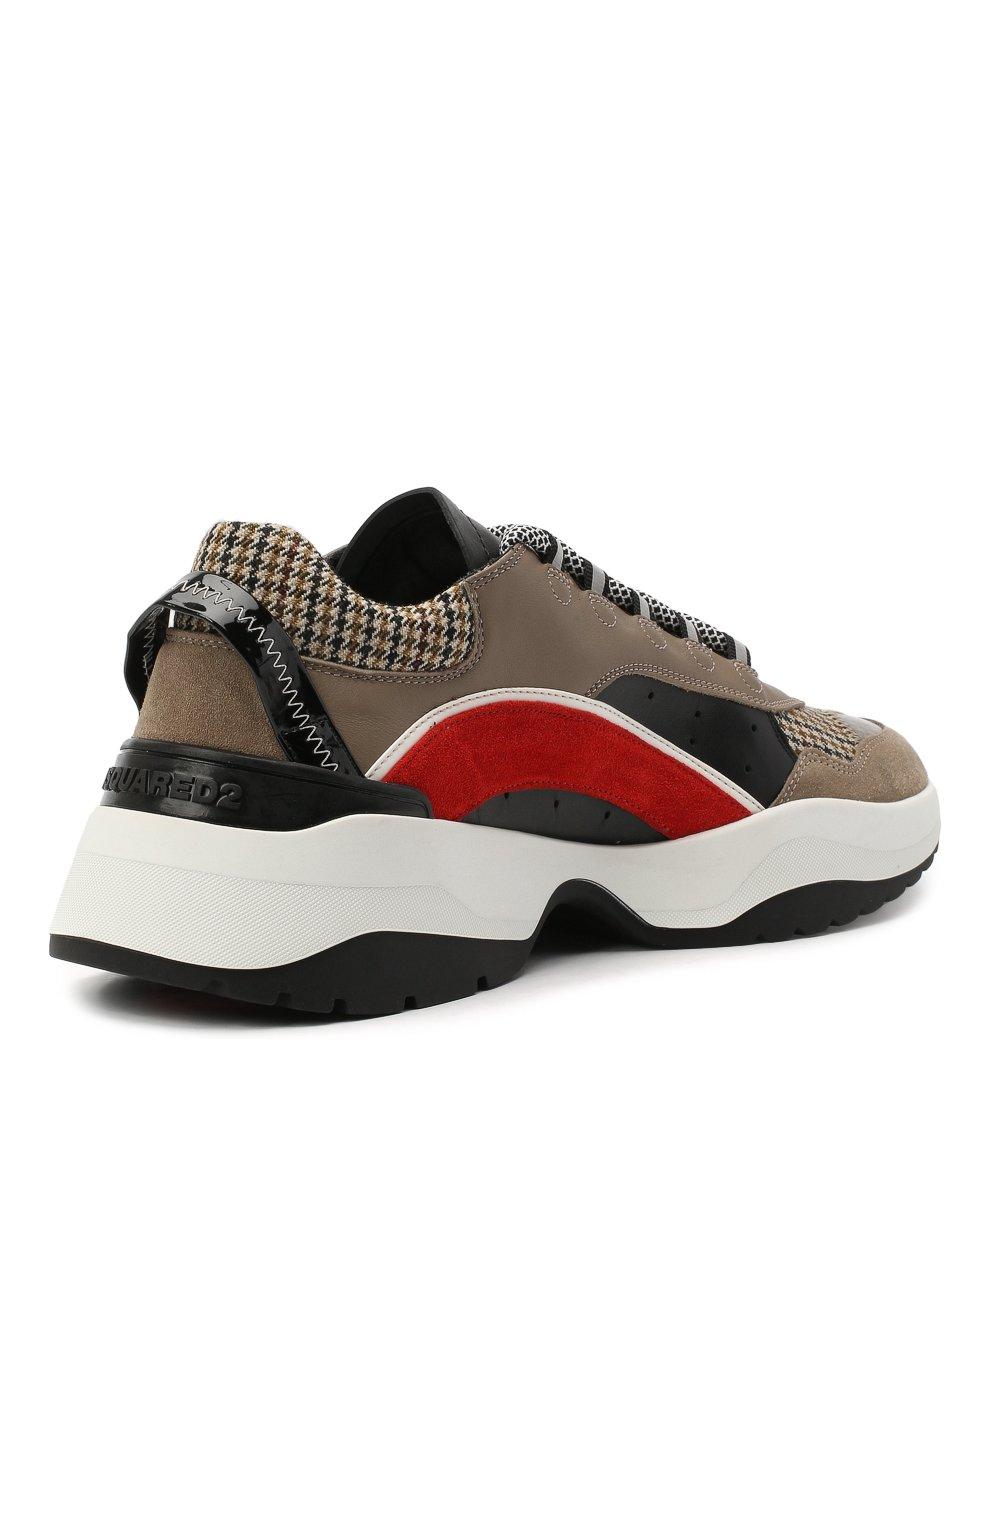 Мужские комбинированные кроссовки d551 DSQUARED2 коричневого цвета, арт. SNM0132 01503264 | Фото 4